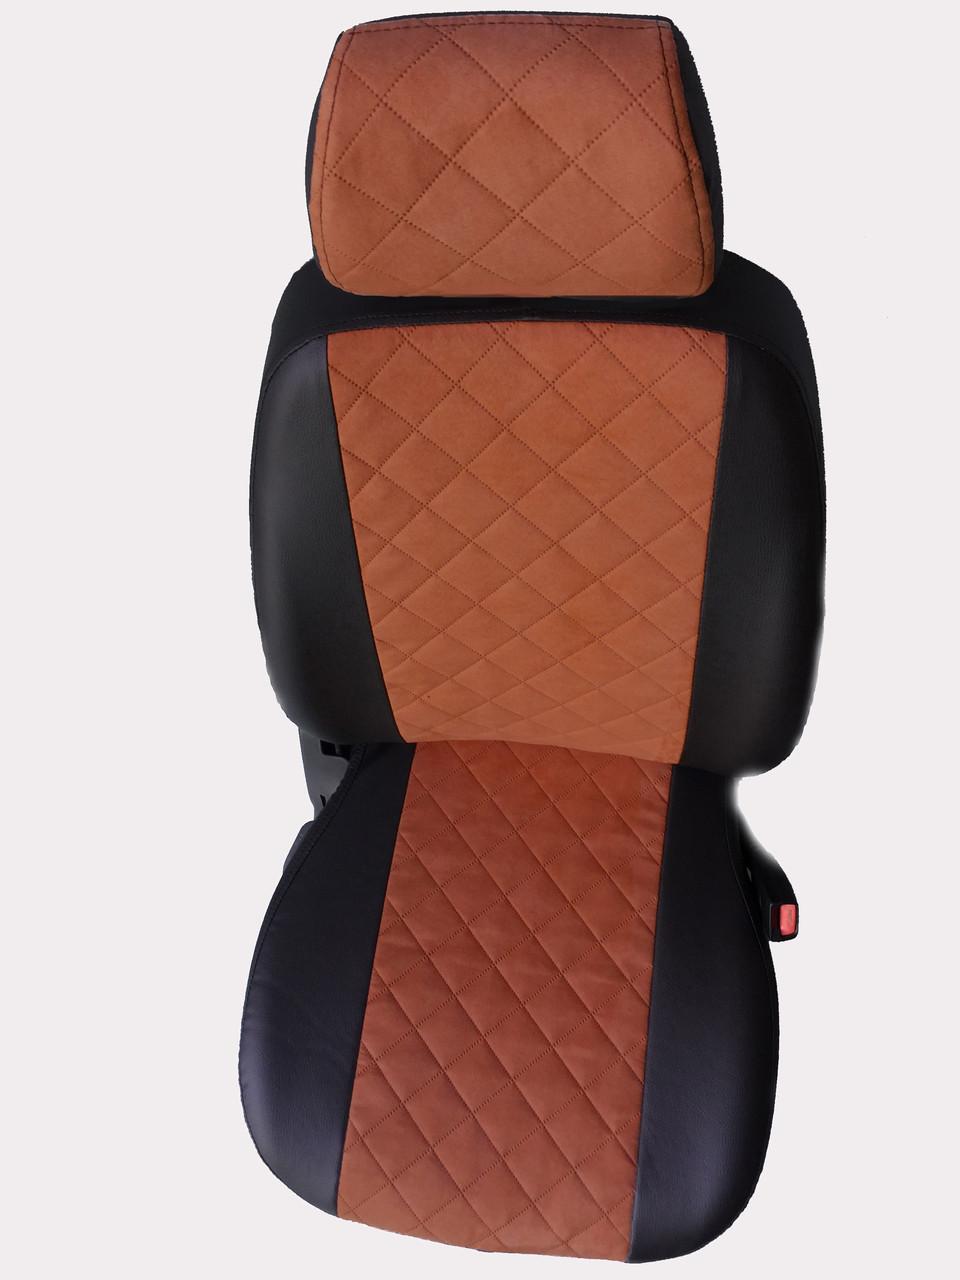 Чехлы на сиденья Митсубиси Л200 (Mitsubishi L200) (универсальные, экокожа+Алькантара, с отдельным